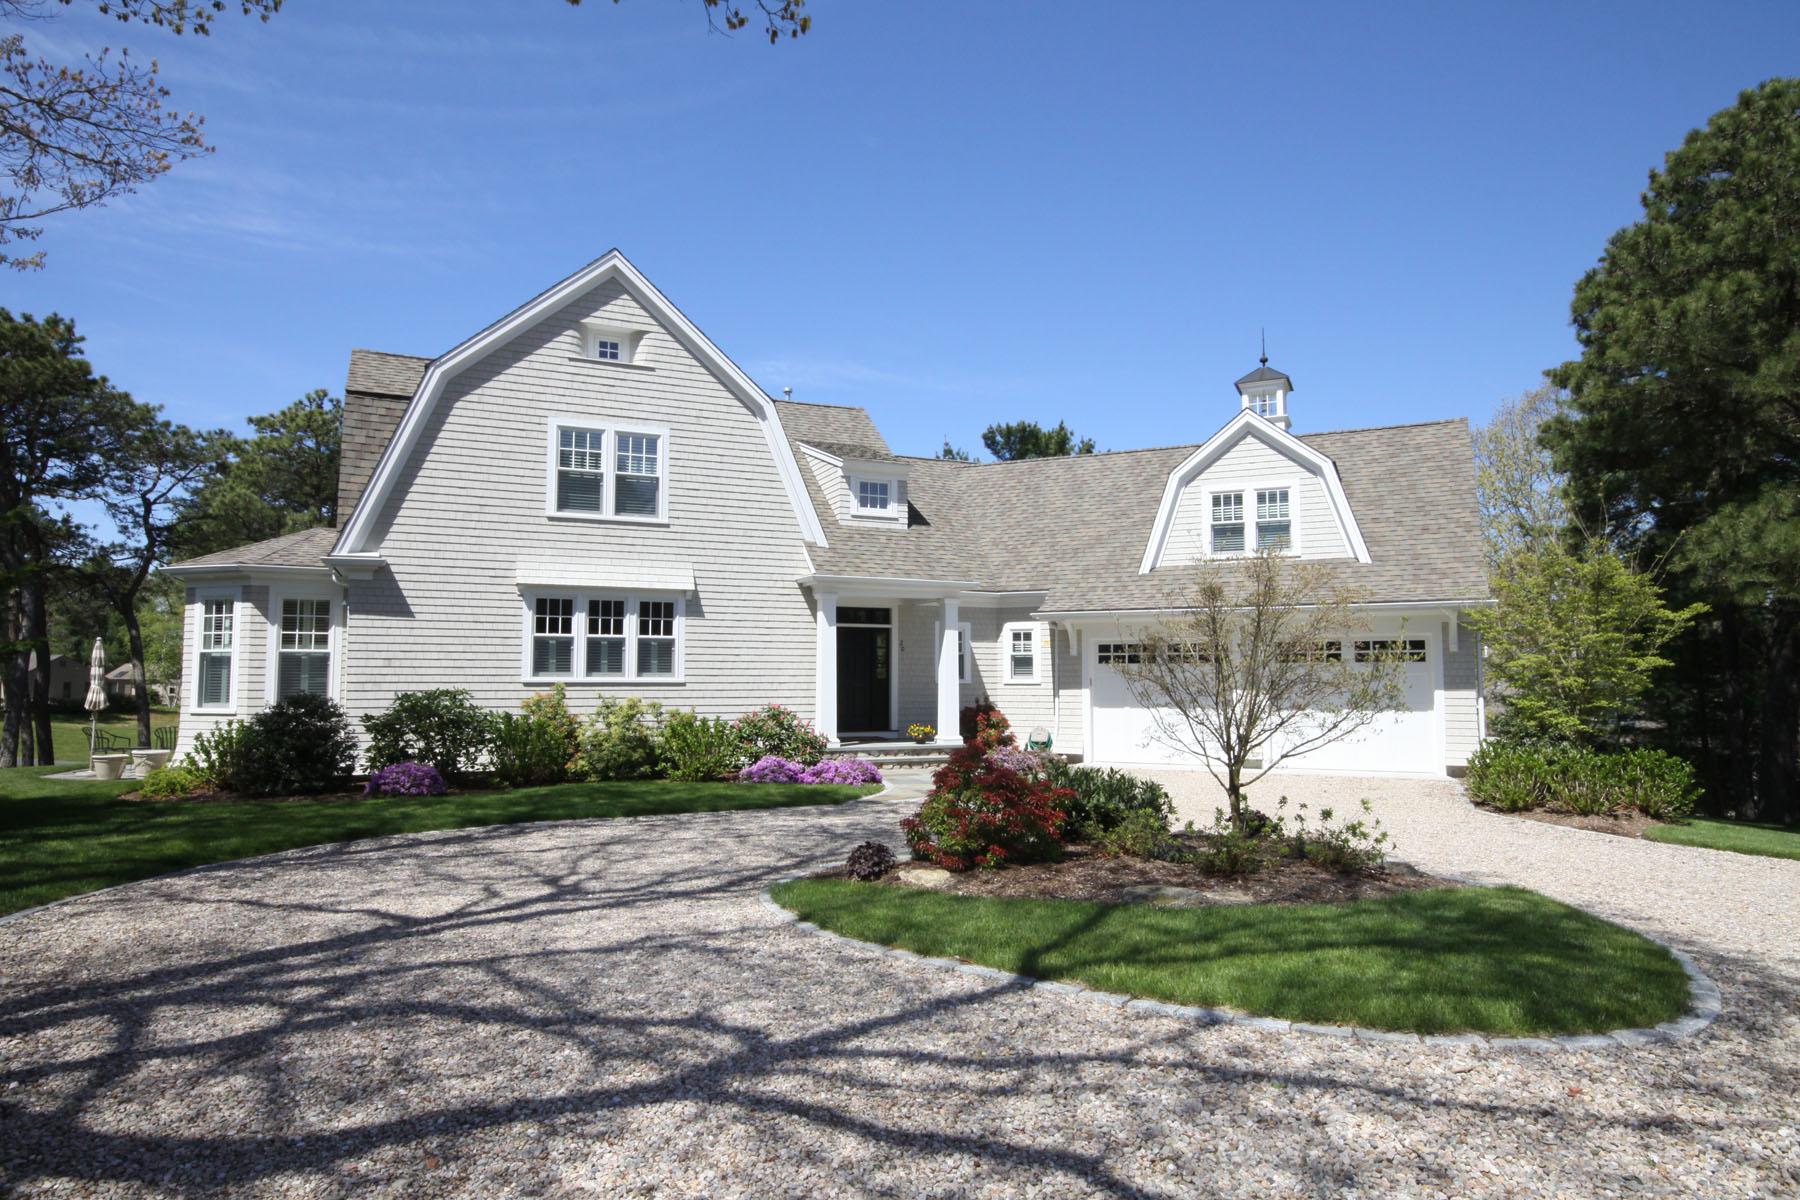 Частный односемейный дом для того Продажа на PRISTINE GOLF FRONT HOME WITH VIEWS & POOL 20 Fairway Knob New Seabury, Массачусетс, 02649 Соединенные Штаты